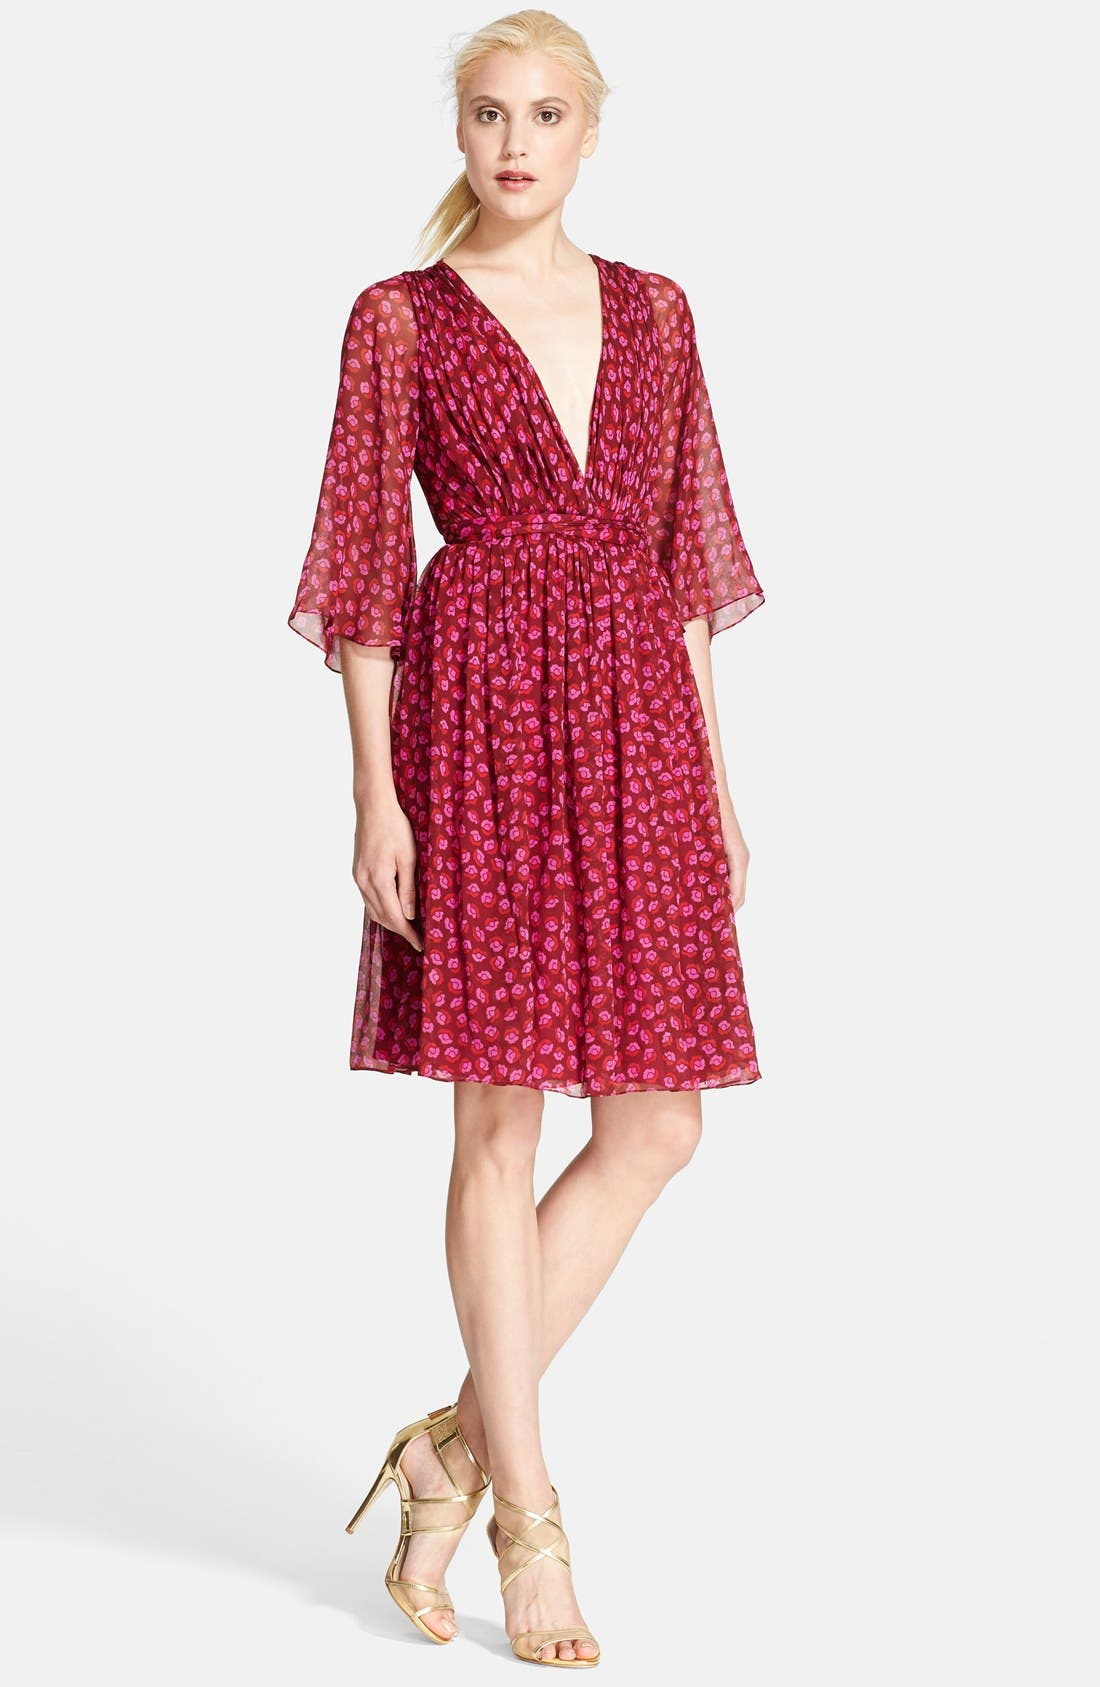 Main Image - Diane von Furstenberg 'Alicia' Dress